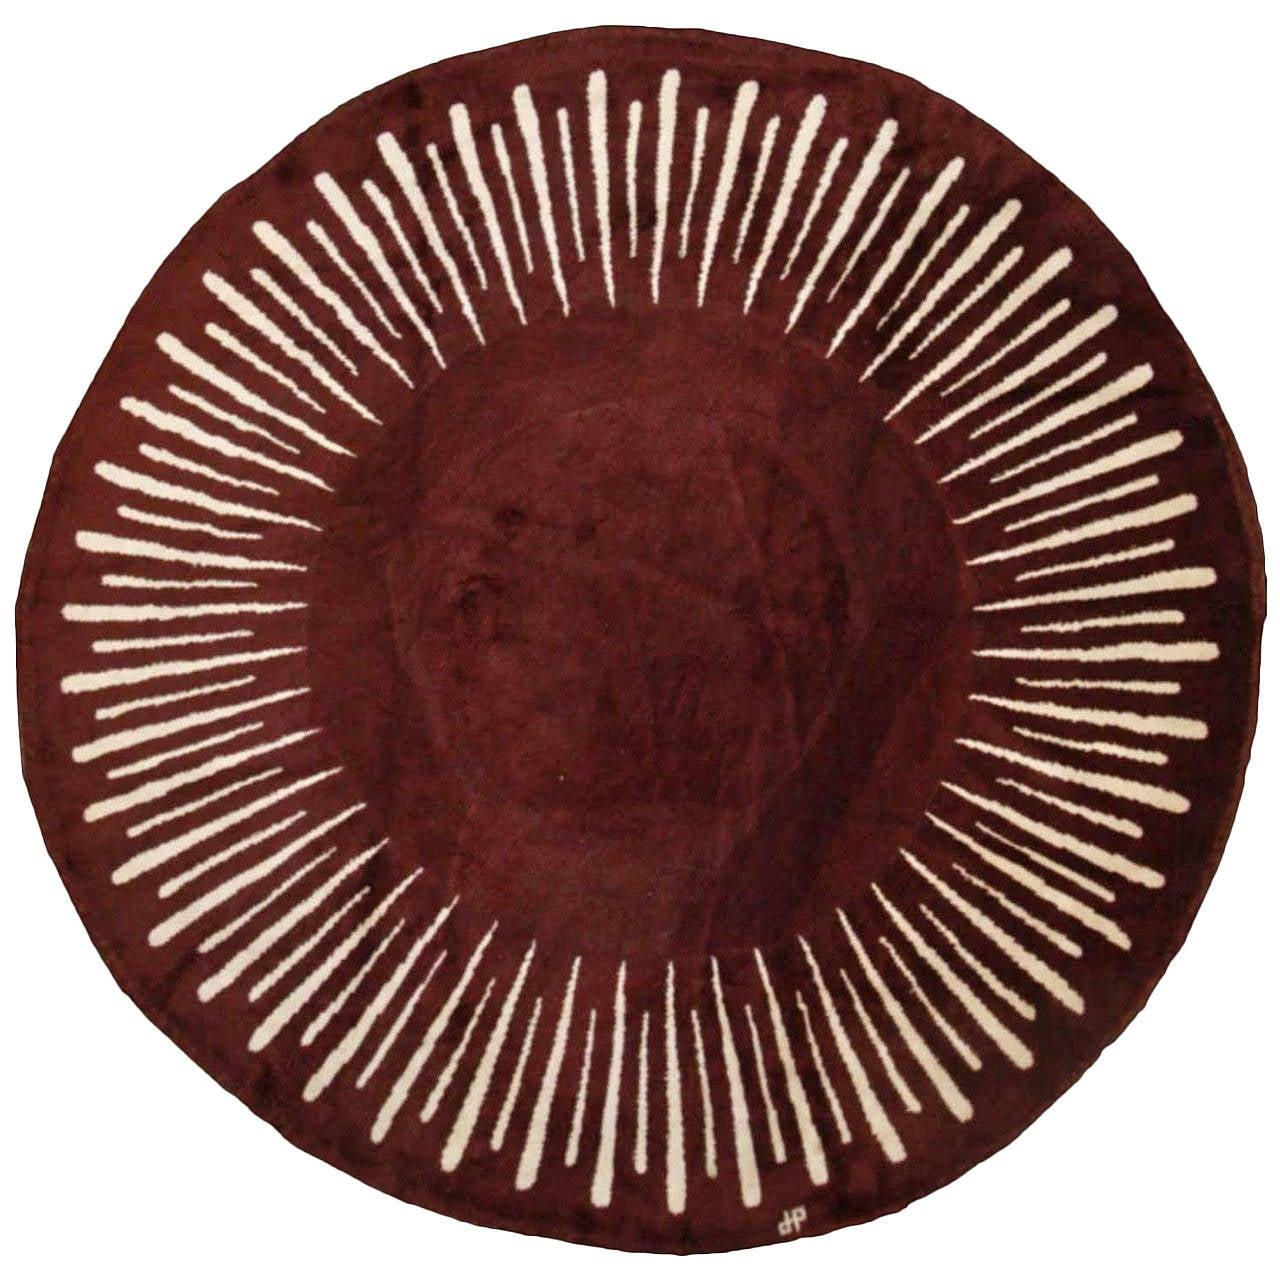 Jean Pascaud Original Circular Rug, circa 1940